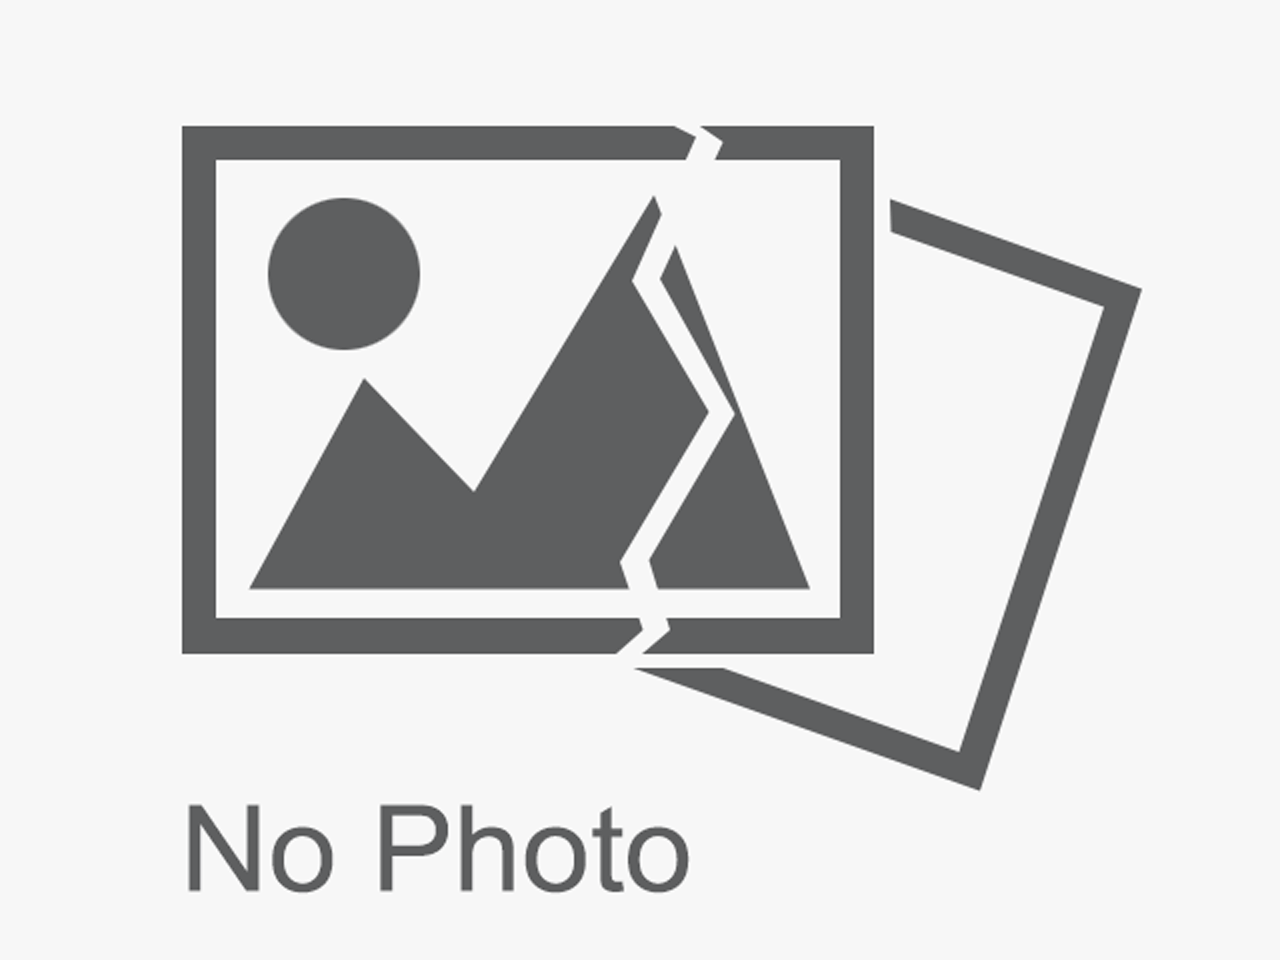 Használt HYUNDAI GETZ 1.5 CRDi Nyomásszabályzó szelep (Common Rail) Alkatrész